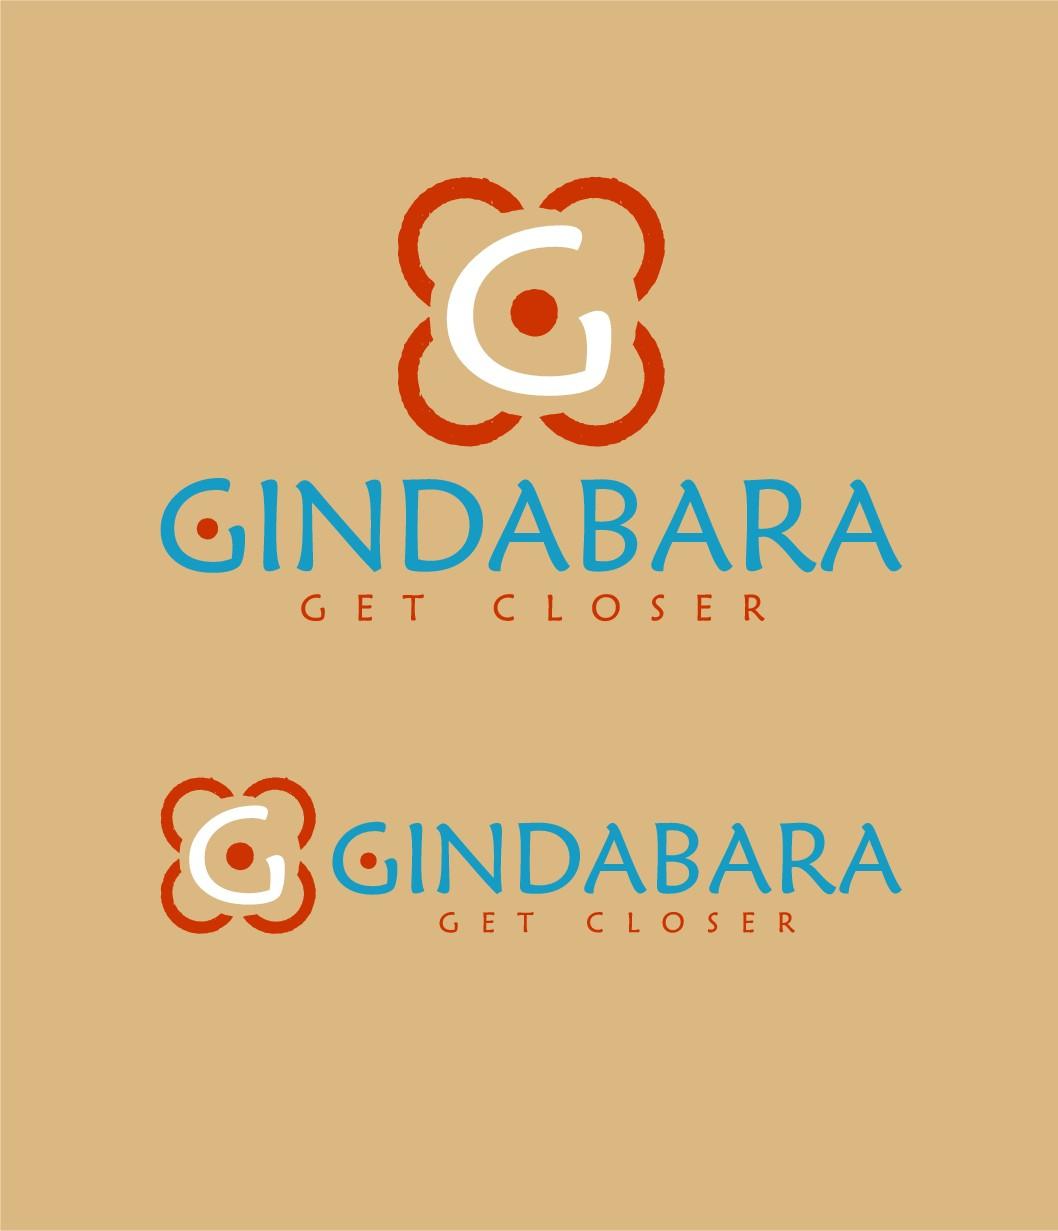 Gindabara